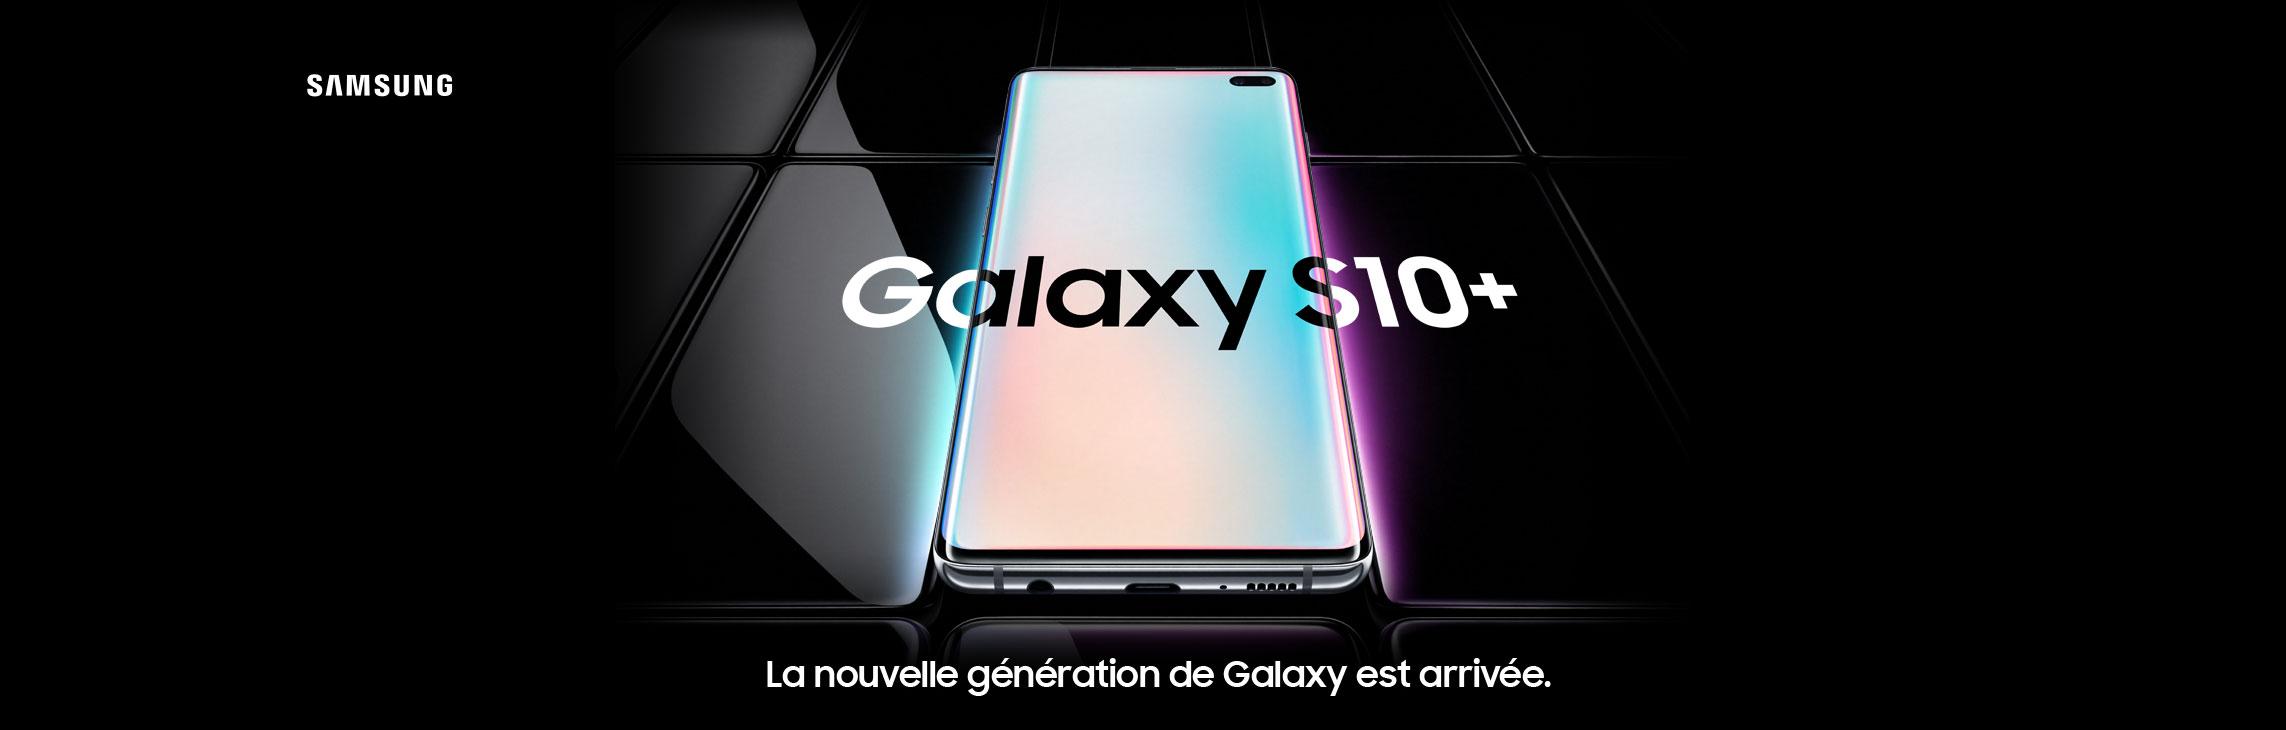 La nouvelle generation de Galaxy est arrivee